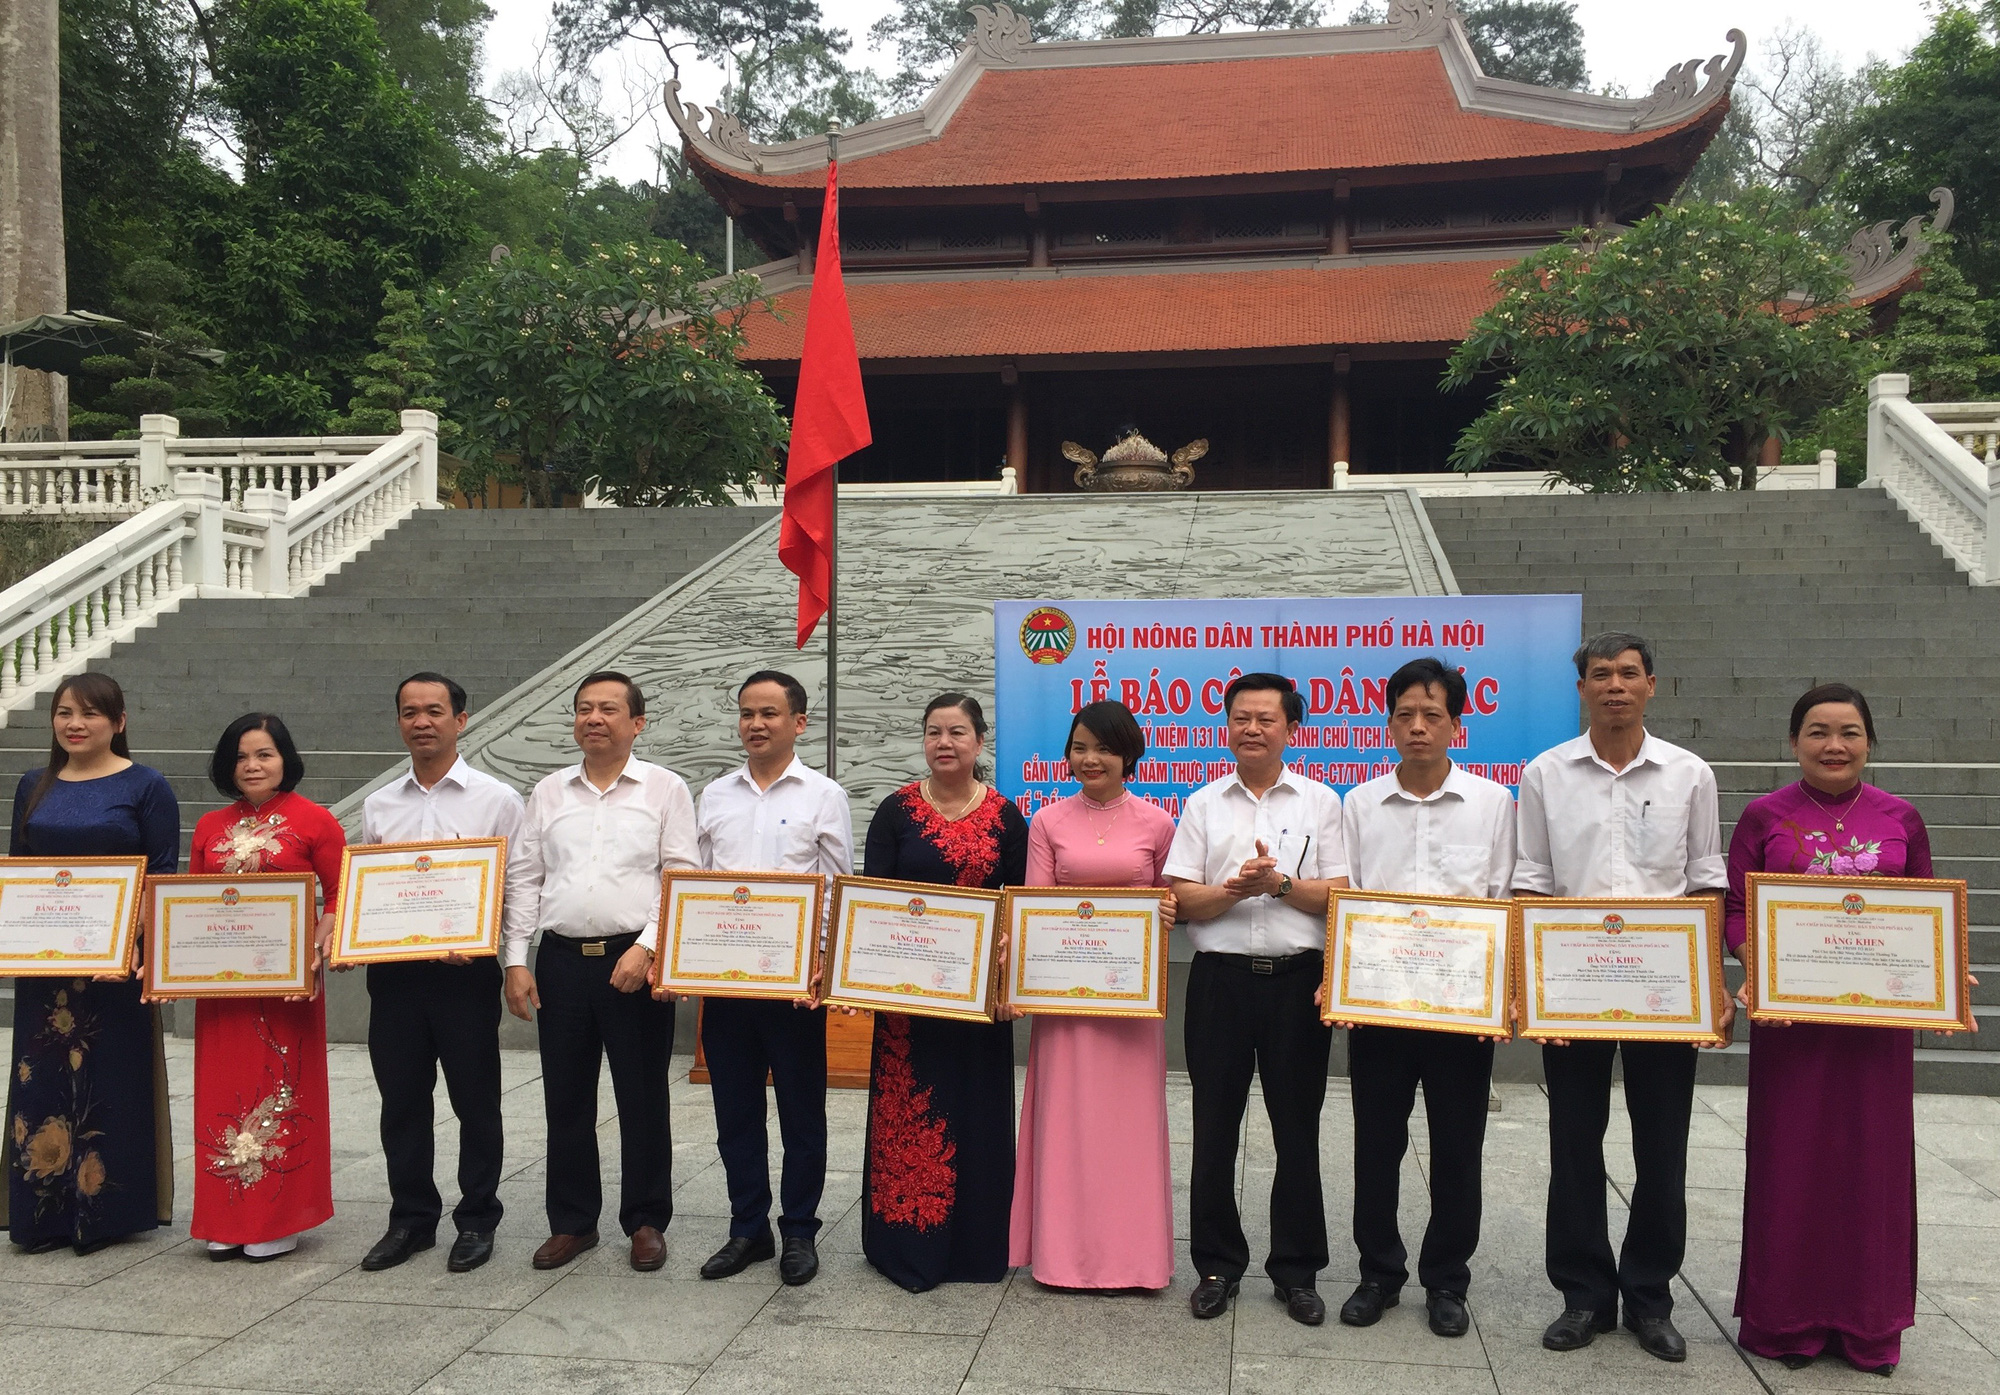 Hơn 1,5 triệu nông dân thi đua sản xuất kinh doanh giỏi, Hà Nội báo công dâng Bác - Ảnh 2.